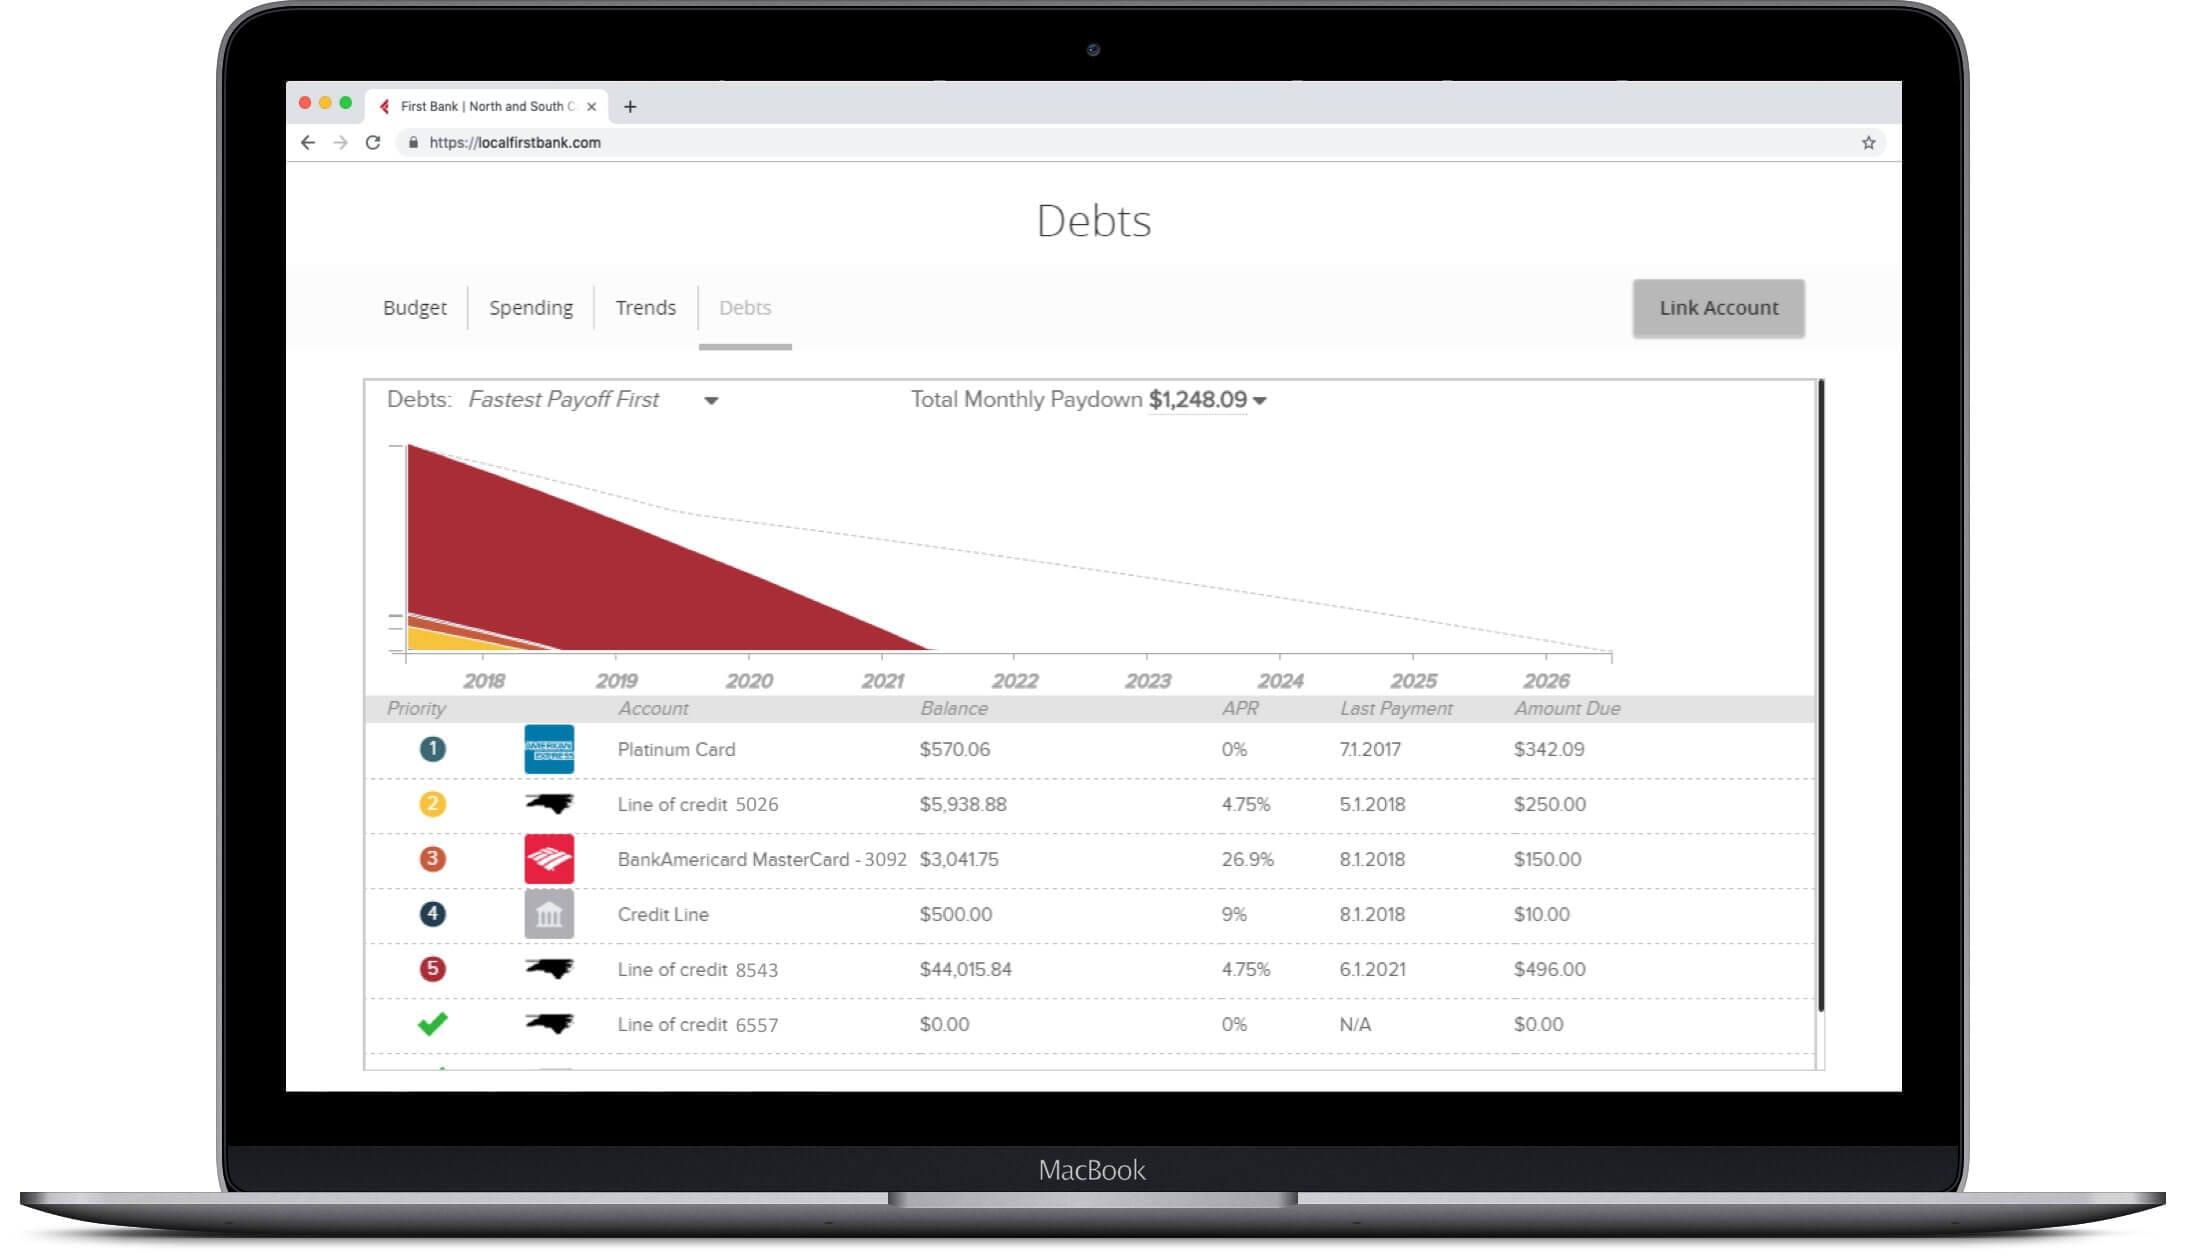 laptop showing mymoney debts screen